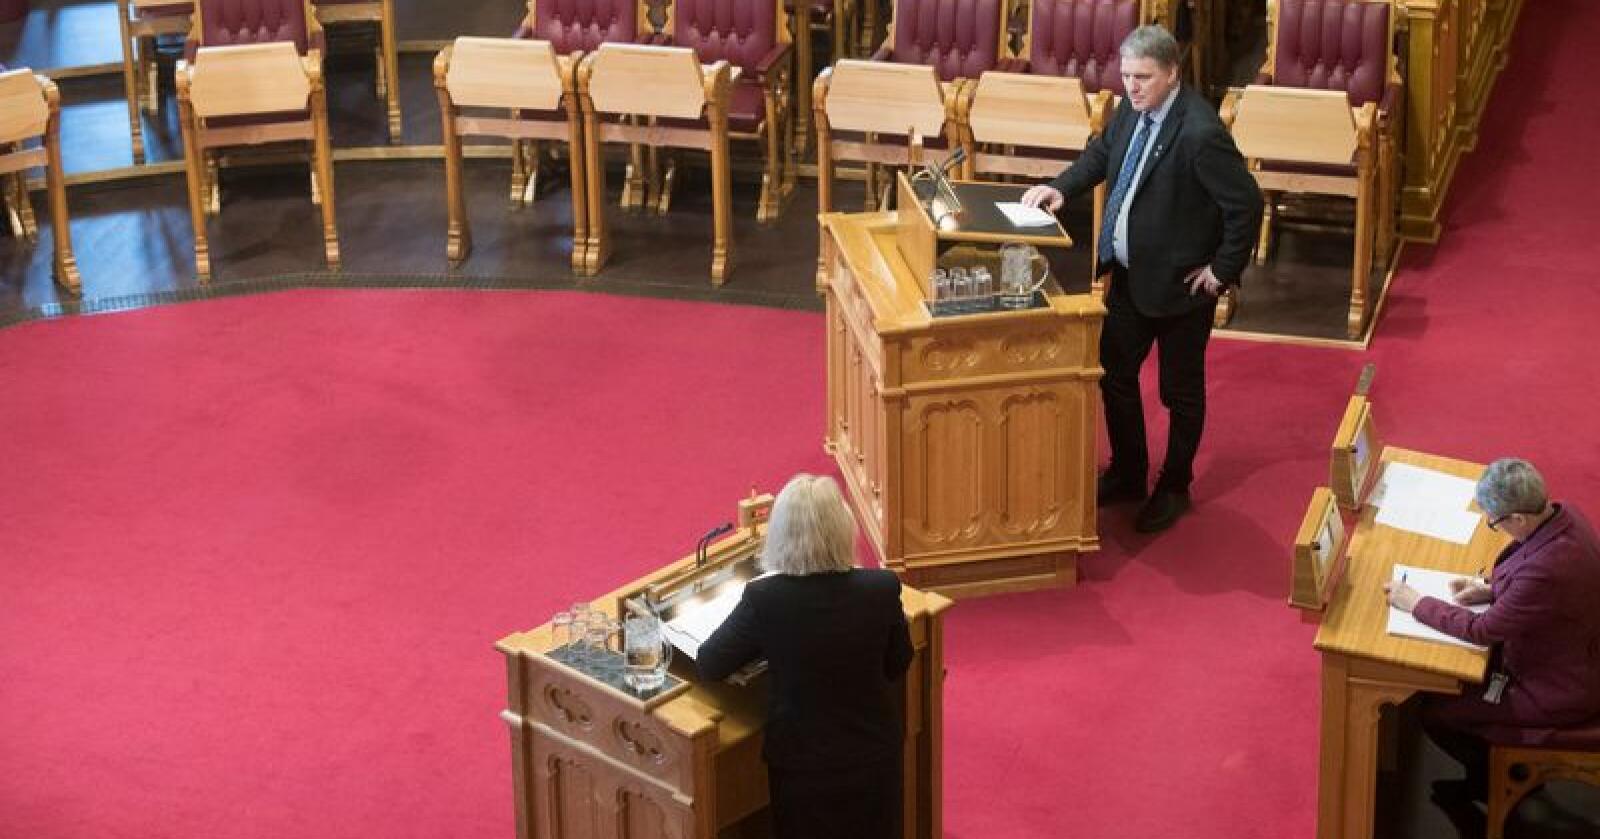 Stortingsrepresentant Geir Iversen (Sp) bruker svært sterke ord i sin beskrivelse av de borgerlige partienes politikk. Bildet er tatt ved en tidligere anledning i Stortinget. Foto: Terje Bendiksby / NTB scanpix